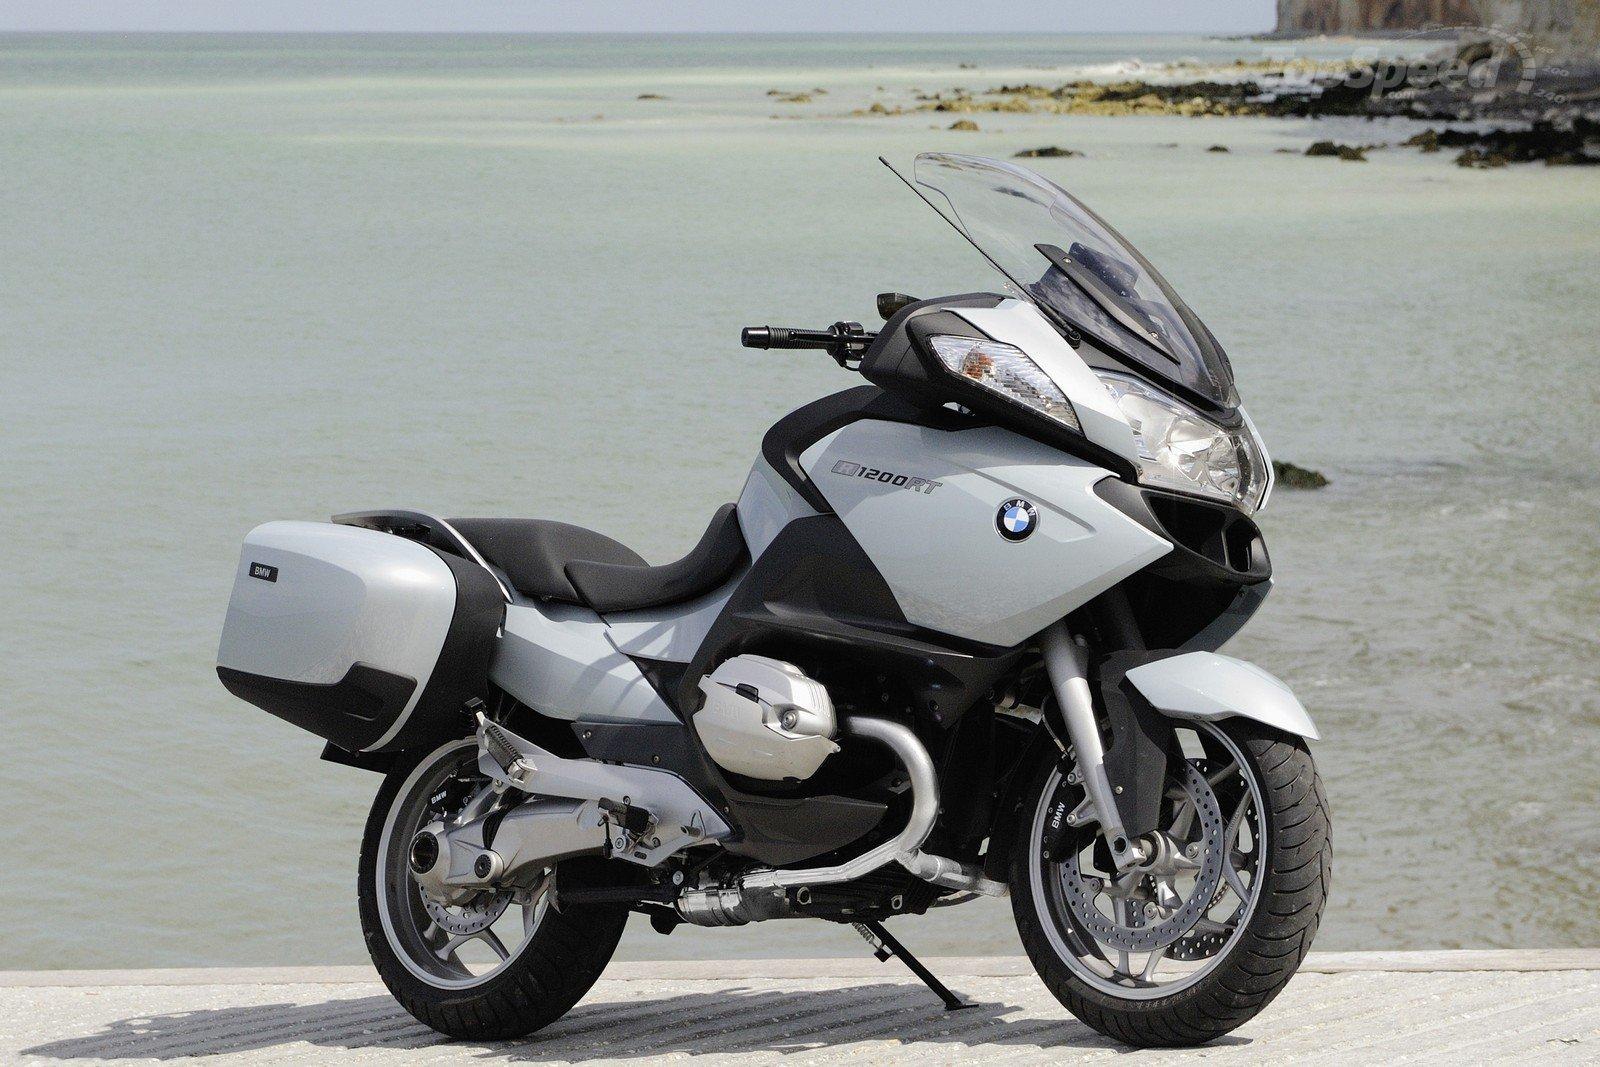 bmw motorrad rappelle les mod les r et k produits entre novembre 2003 et avril 2011 acidmoto. Black Bedroom Furniture Sets. Home Design Ideas